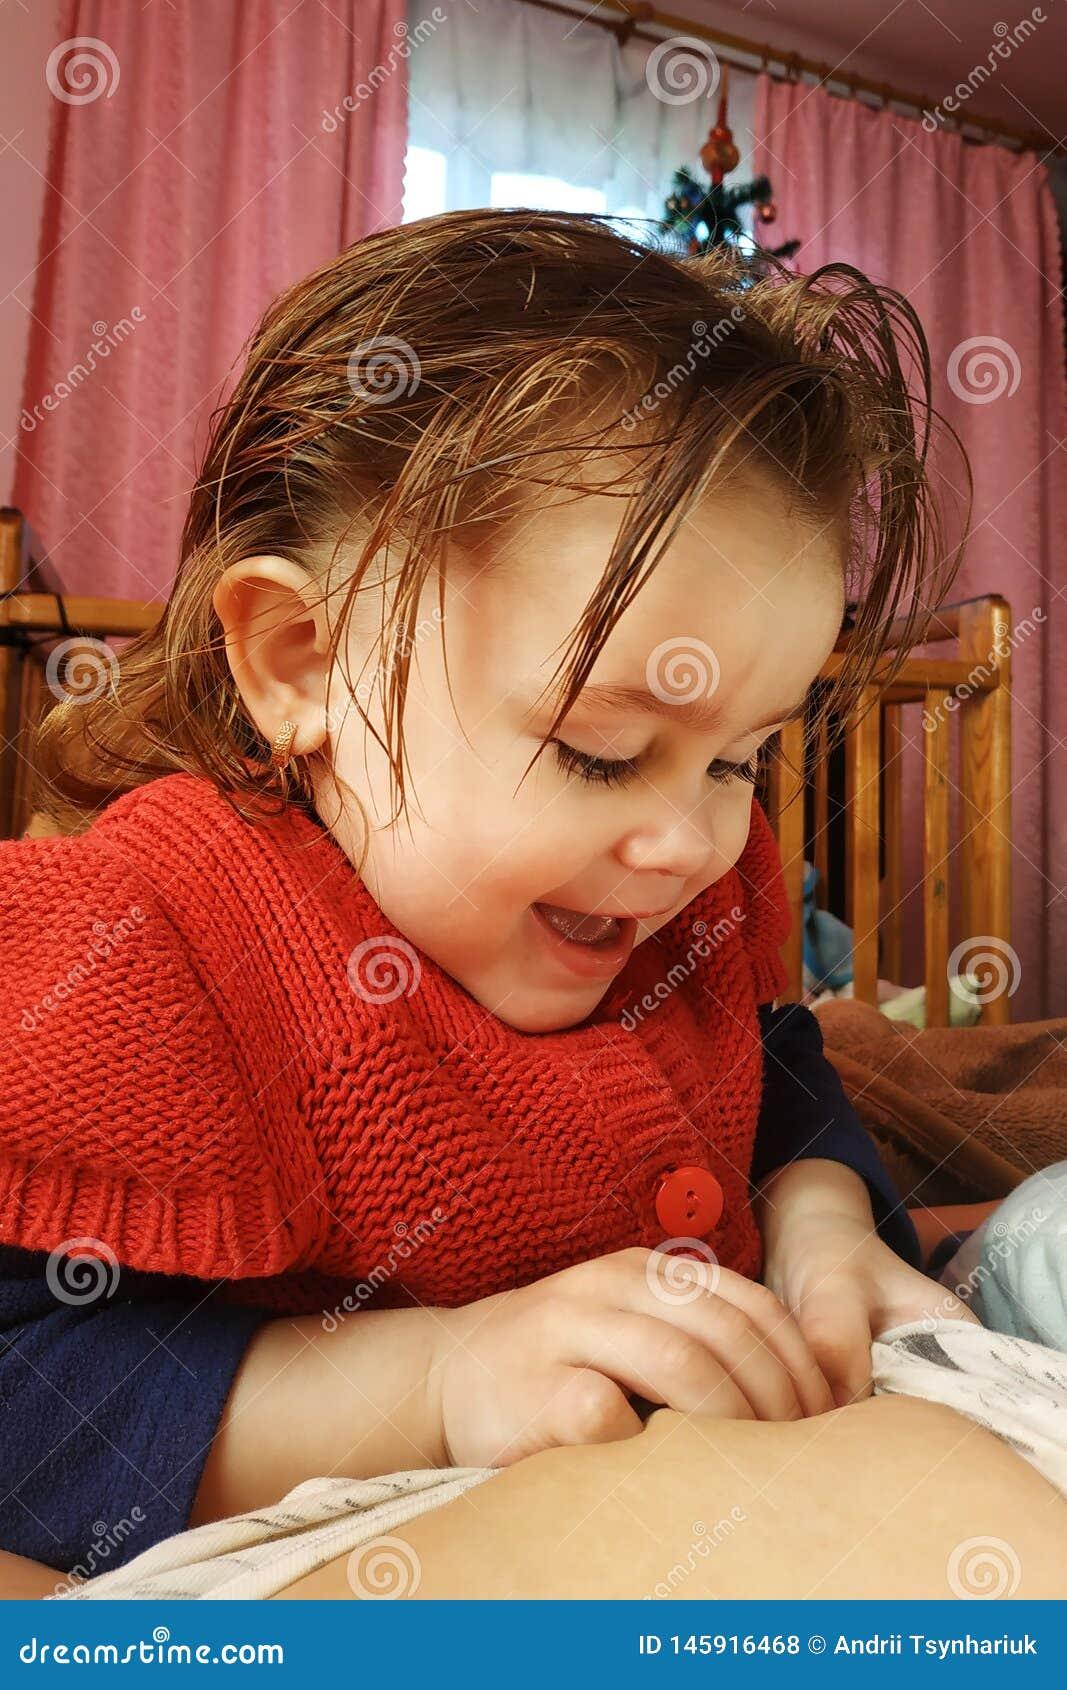 Ένα 2χρονο κορίτσι βρίσκεται στη μητέρα και πίνει το μητρικό γάλα, ο χρόνος της ενότητας της μητέρας και του παιδιού